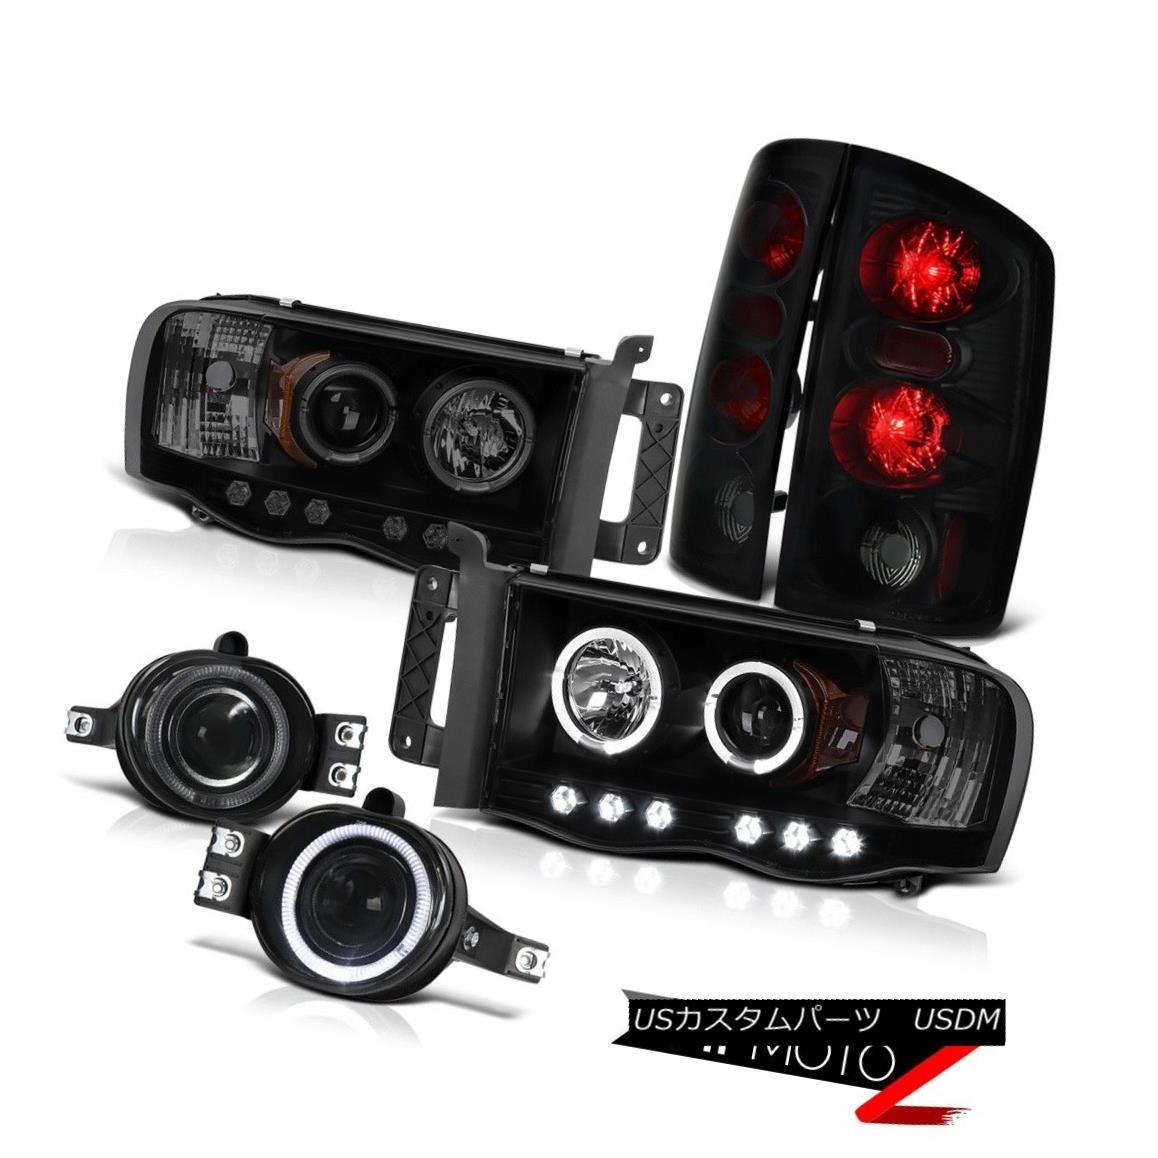 ヘッドライト 2002-2005 Dodge Ram SLT Projector Dark Angel Eye Headlight Sinister Black Tail 2002-2005ダッジ・ラムSLTプロジェクターダーク・エンジェル・アイヘッドライト・シニスター・ブラック・テール